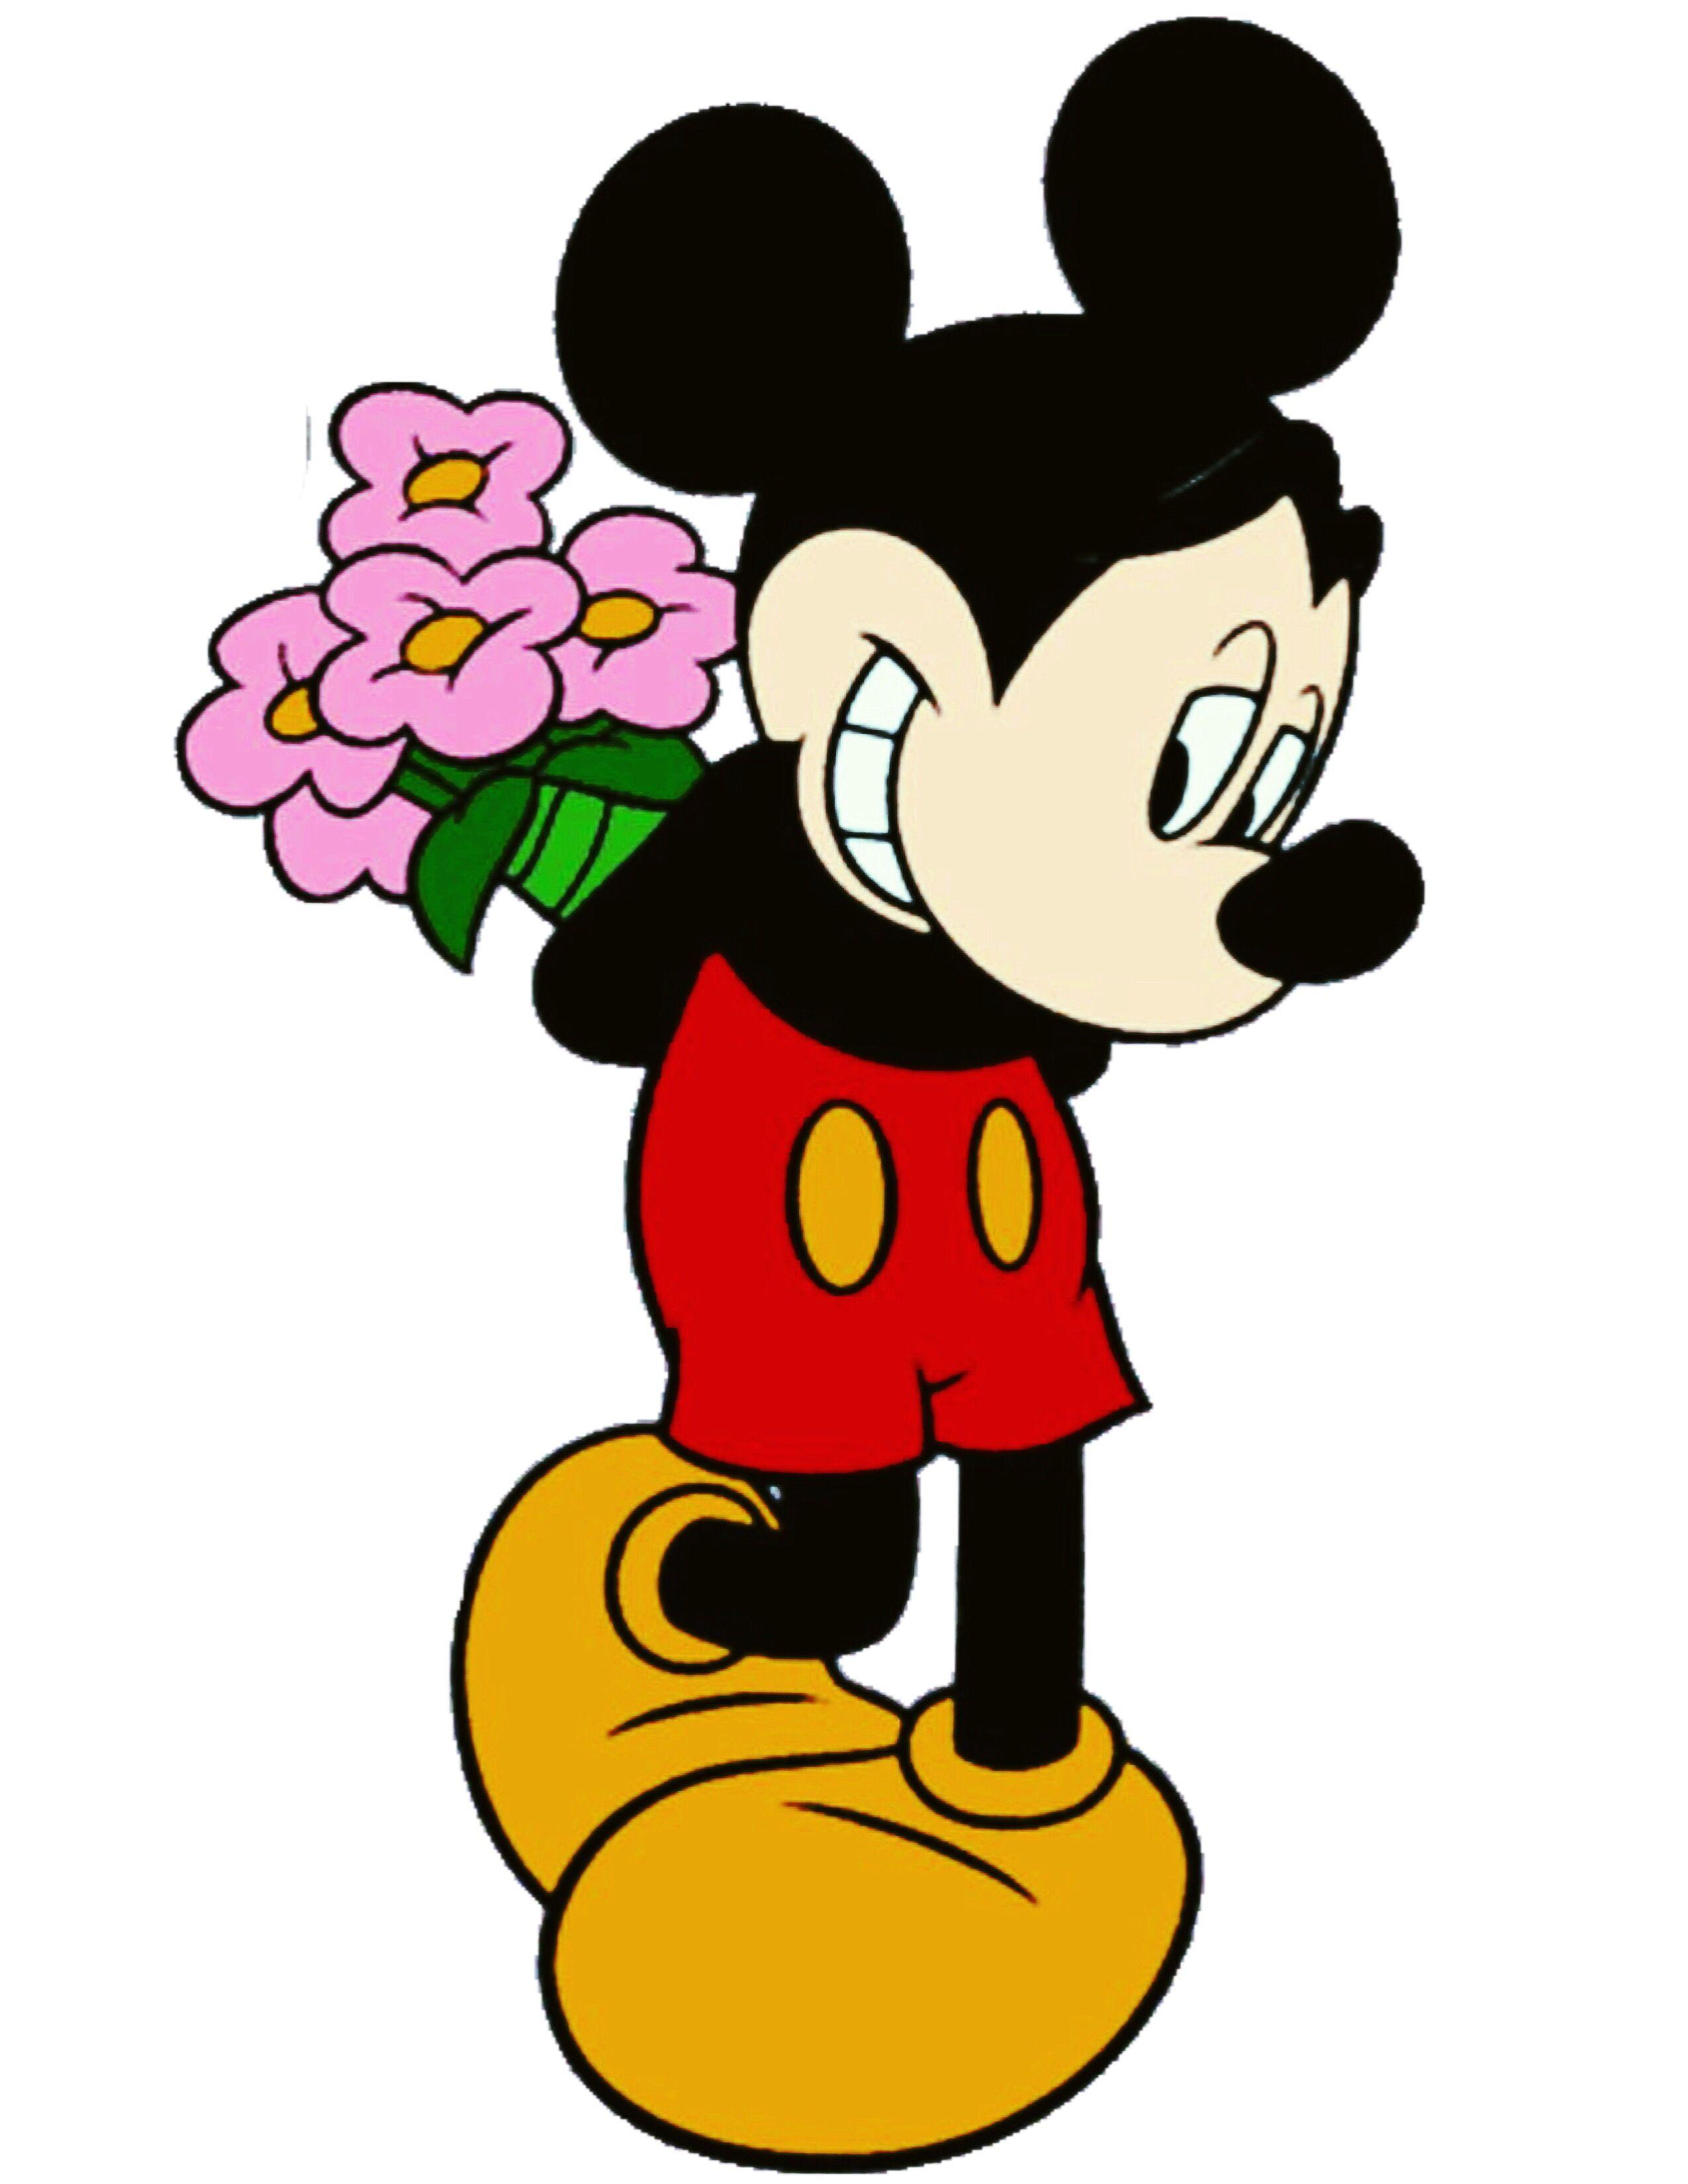 Fonkelnieuw Pin van jacqueline stoppelenburg op Mickey mouse | Animatiefilms RU-13